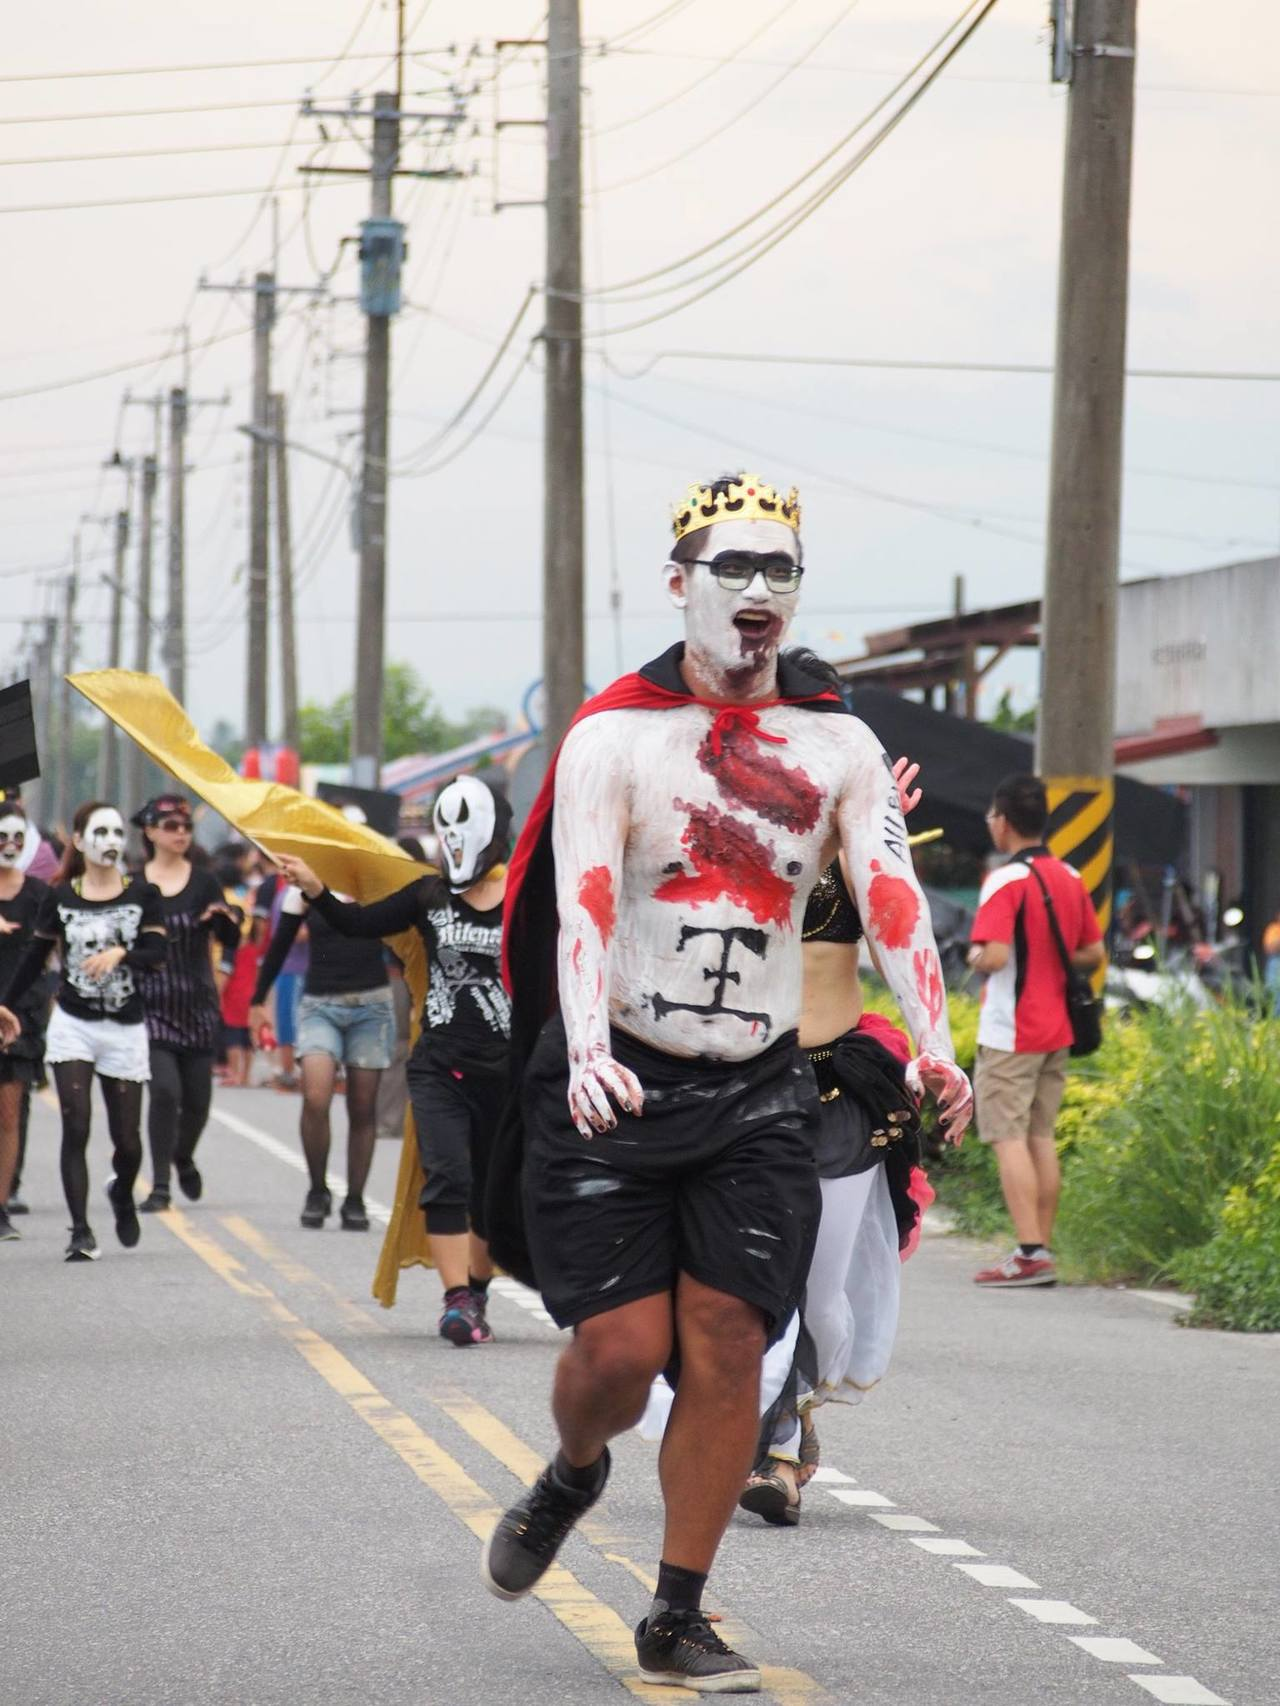 鳳林第7屆「菸樓迷路,百鬼夜行祭」將在周六登場。 圖/翻攝百鬼夜行菸樓迷路臉書